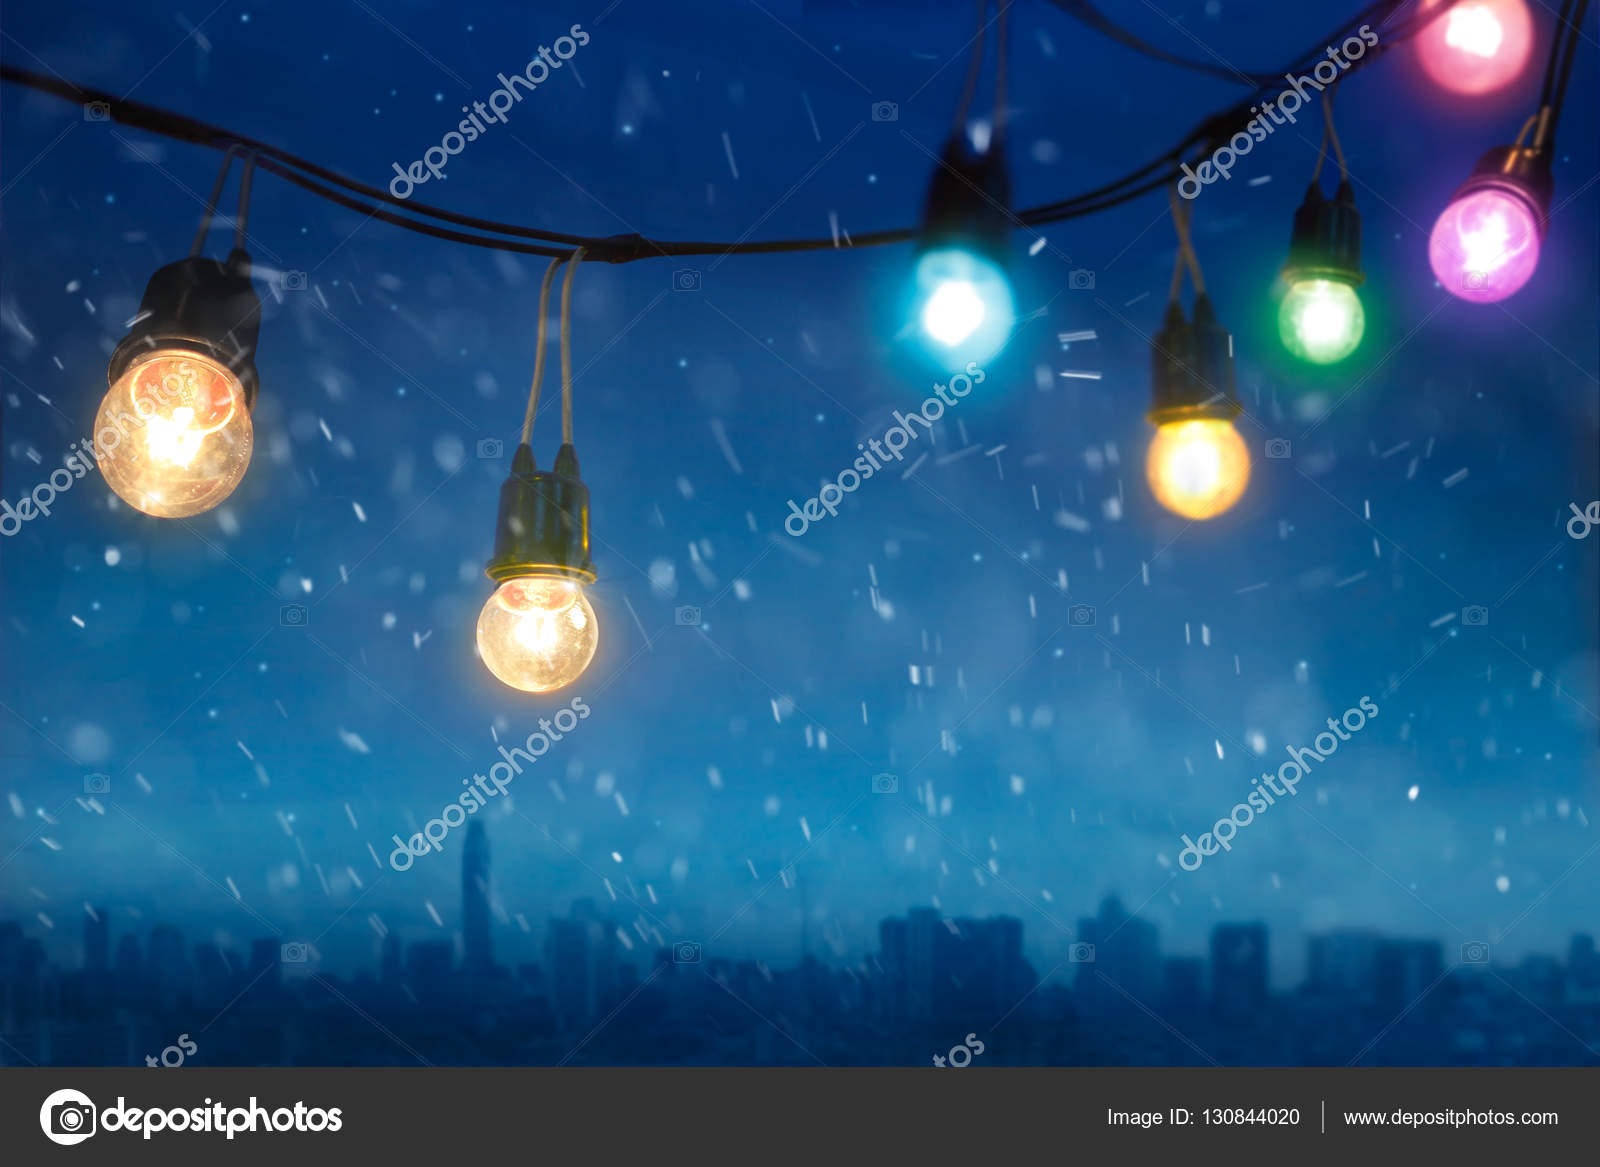 Weihnachtsbeleuchtung Bunt.Bunt Leuchtende Weihnachtsbeleuchtung In Fallenden Schnee Auf